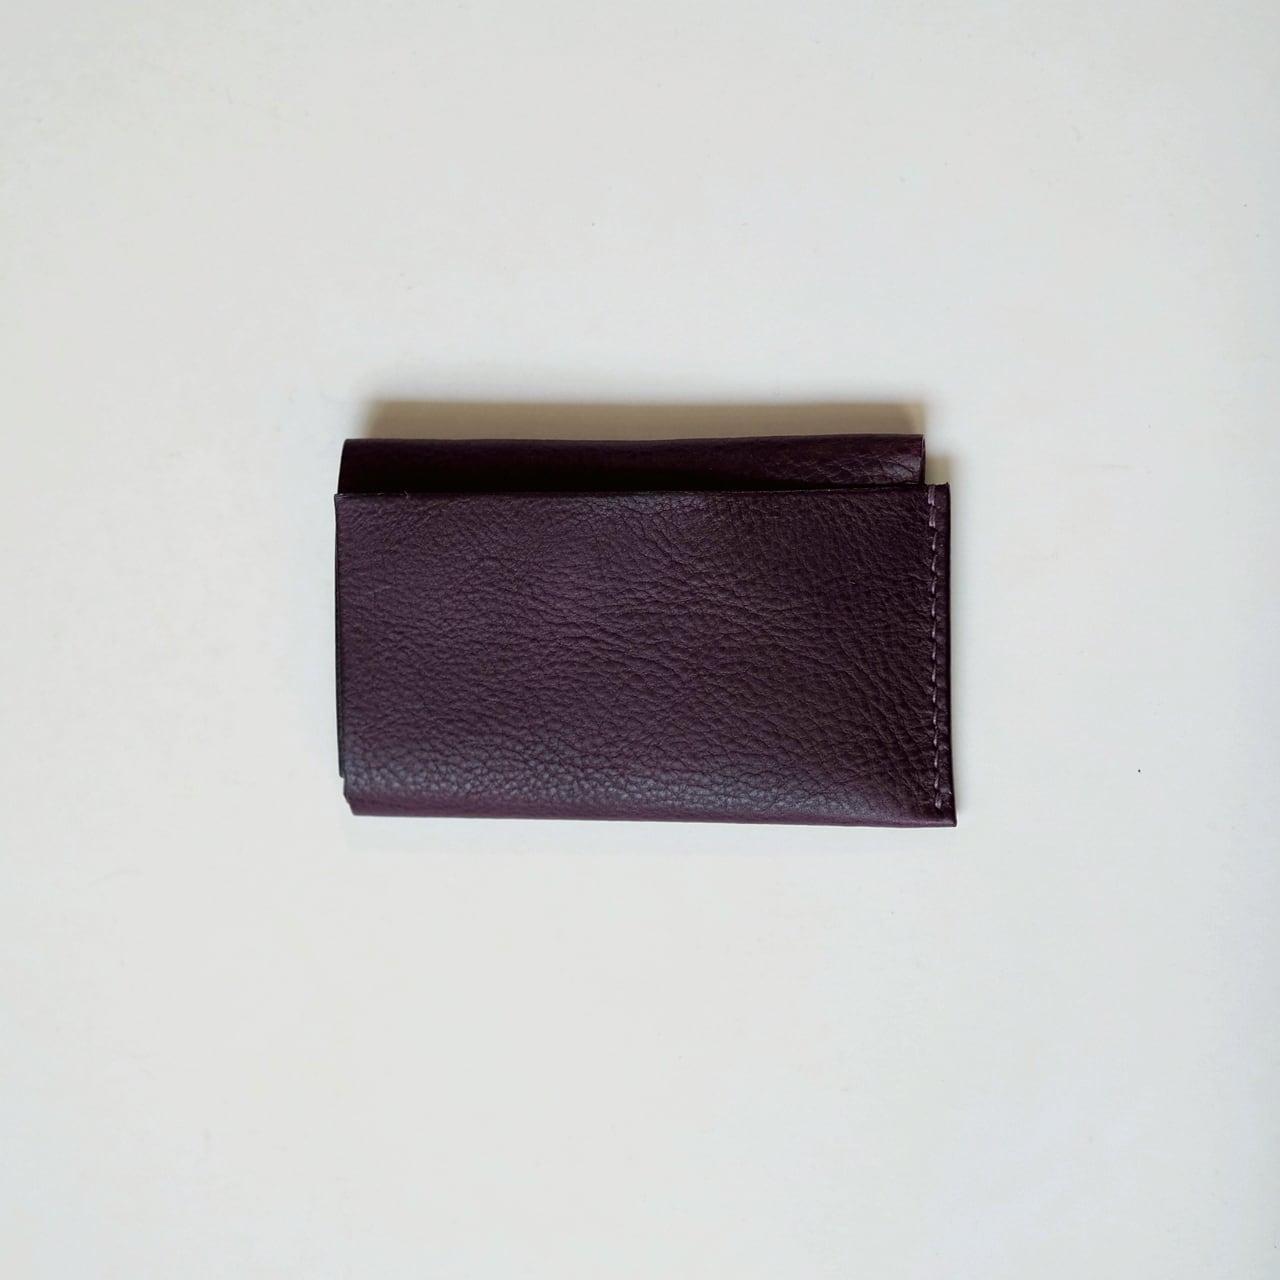 cardcase - pru